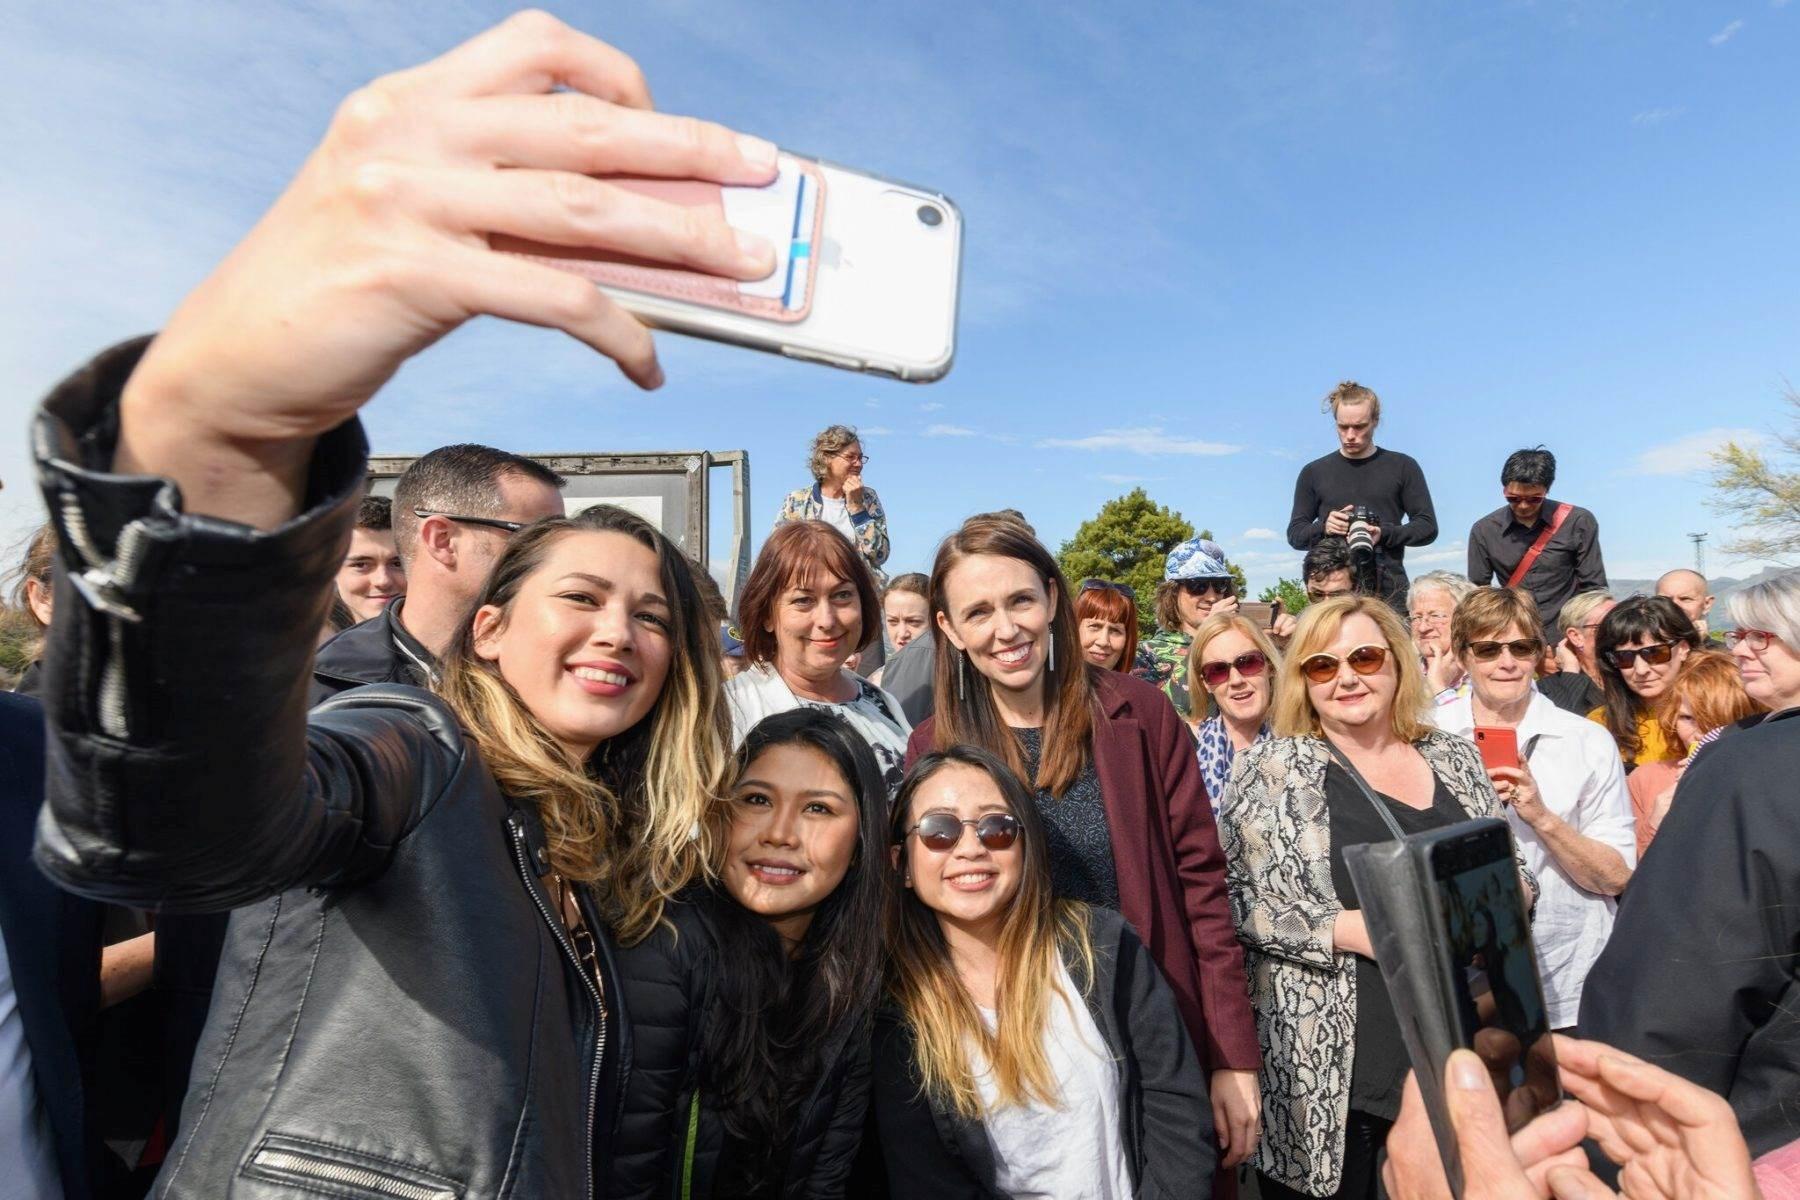 رئيسة الوزراء النيوزلندية جاسيندا أرديرن خلال جولة في مدينة ليتيلتون الثلاثاء